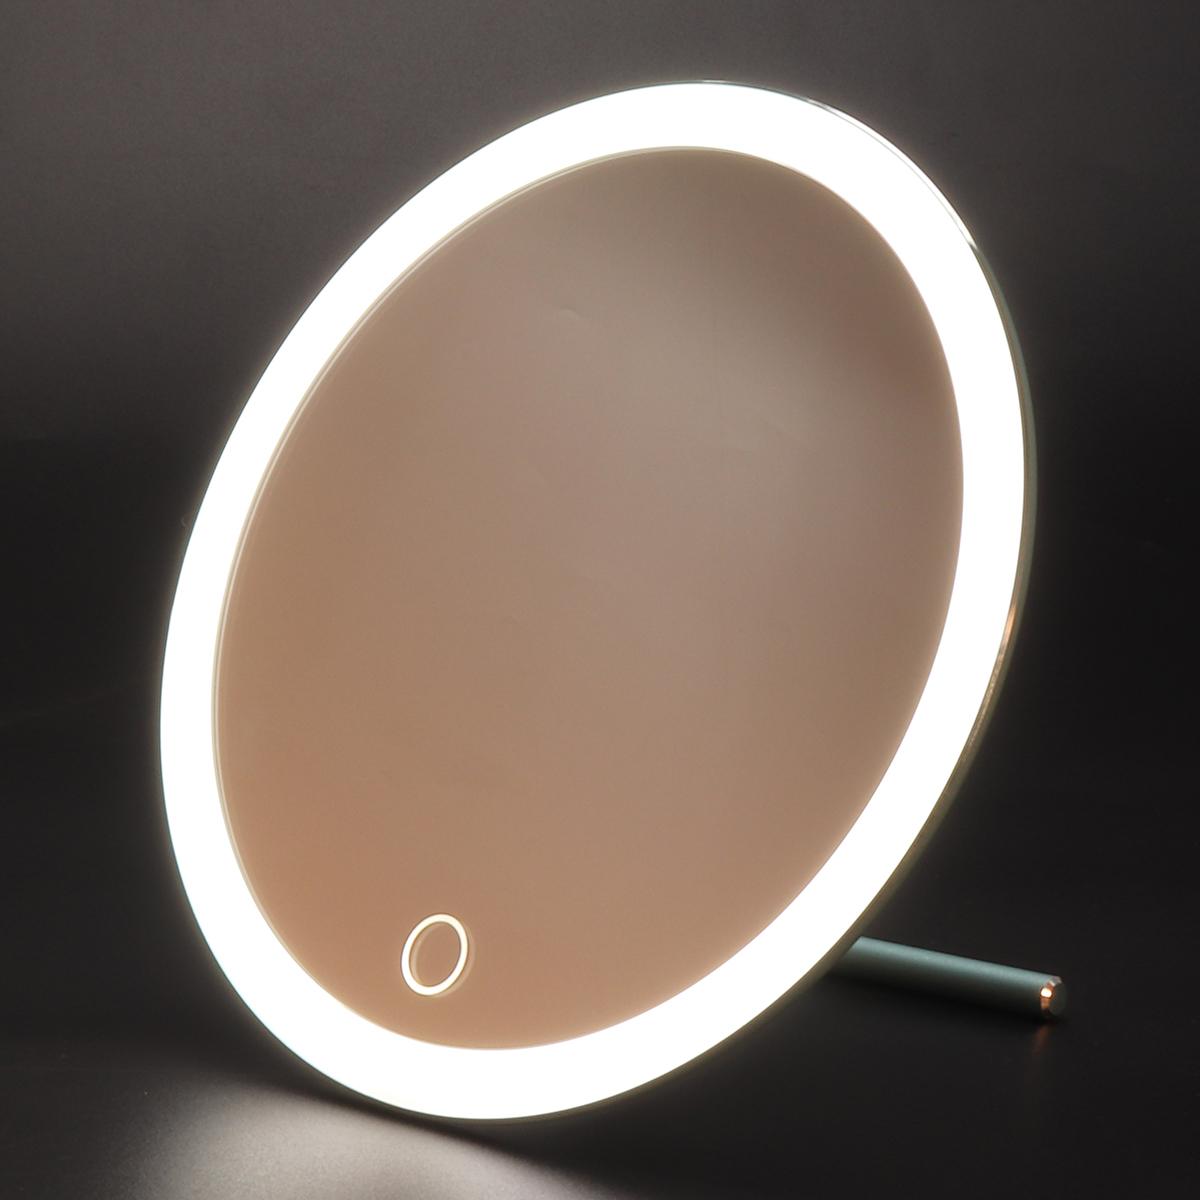 USB Светодиодный Макияж Зеркало с мини-увеличительным зеркалом